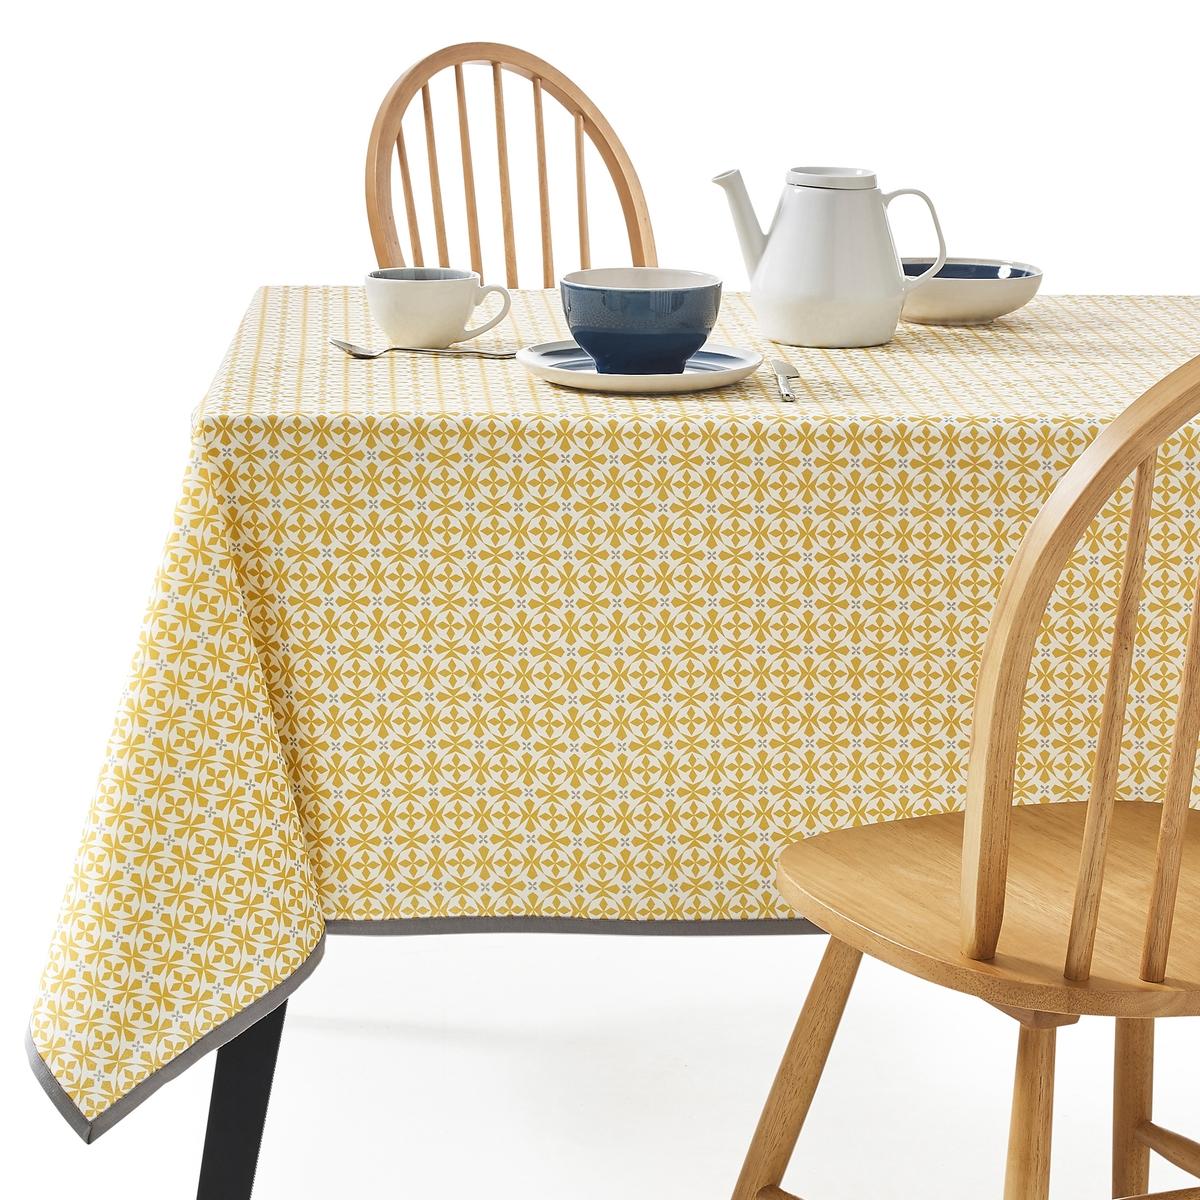 цена Скатерть La Redoute С рисунком и пропиткой против пятен AZILA 150 x 300 см желтый онлайн в 2017 году